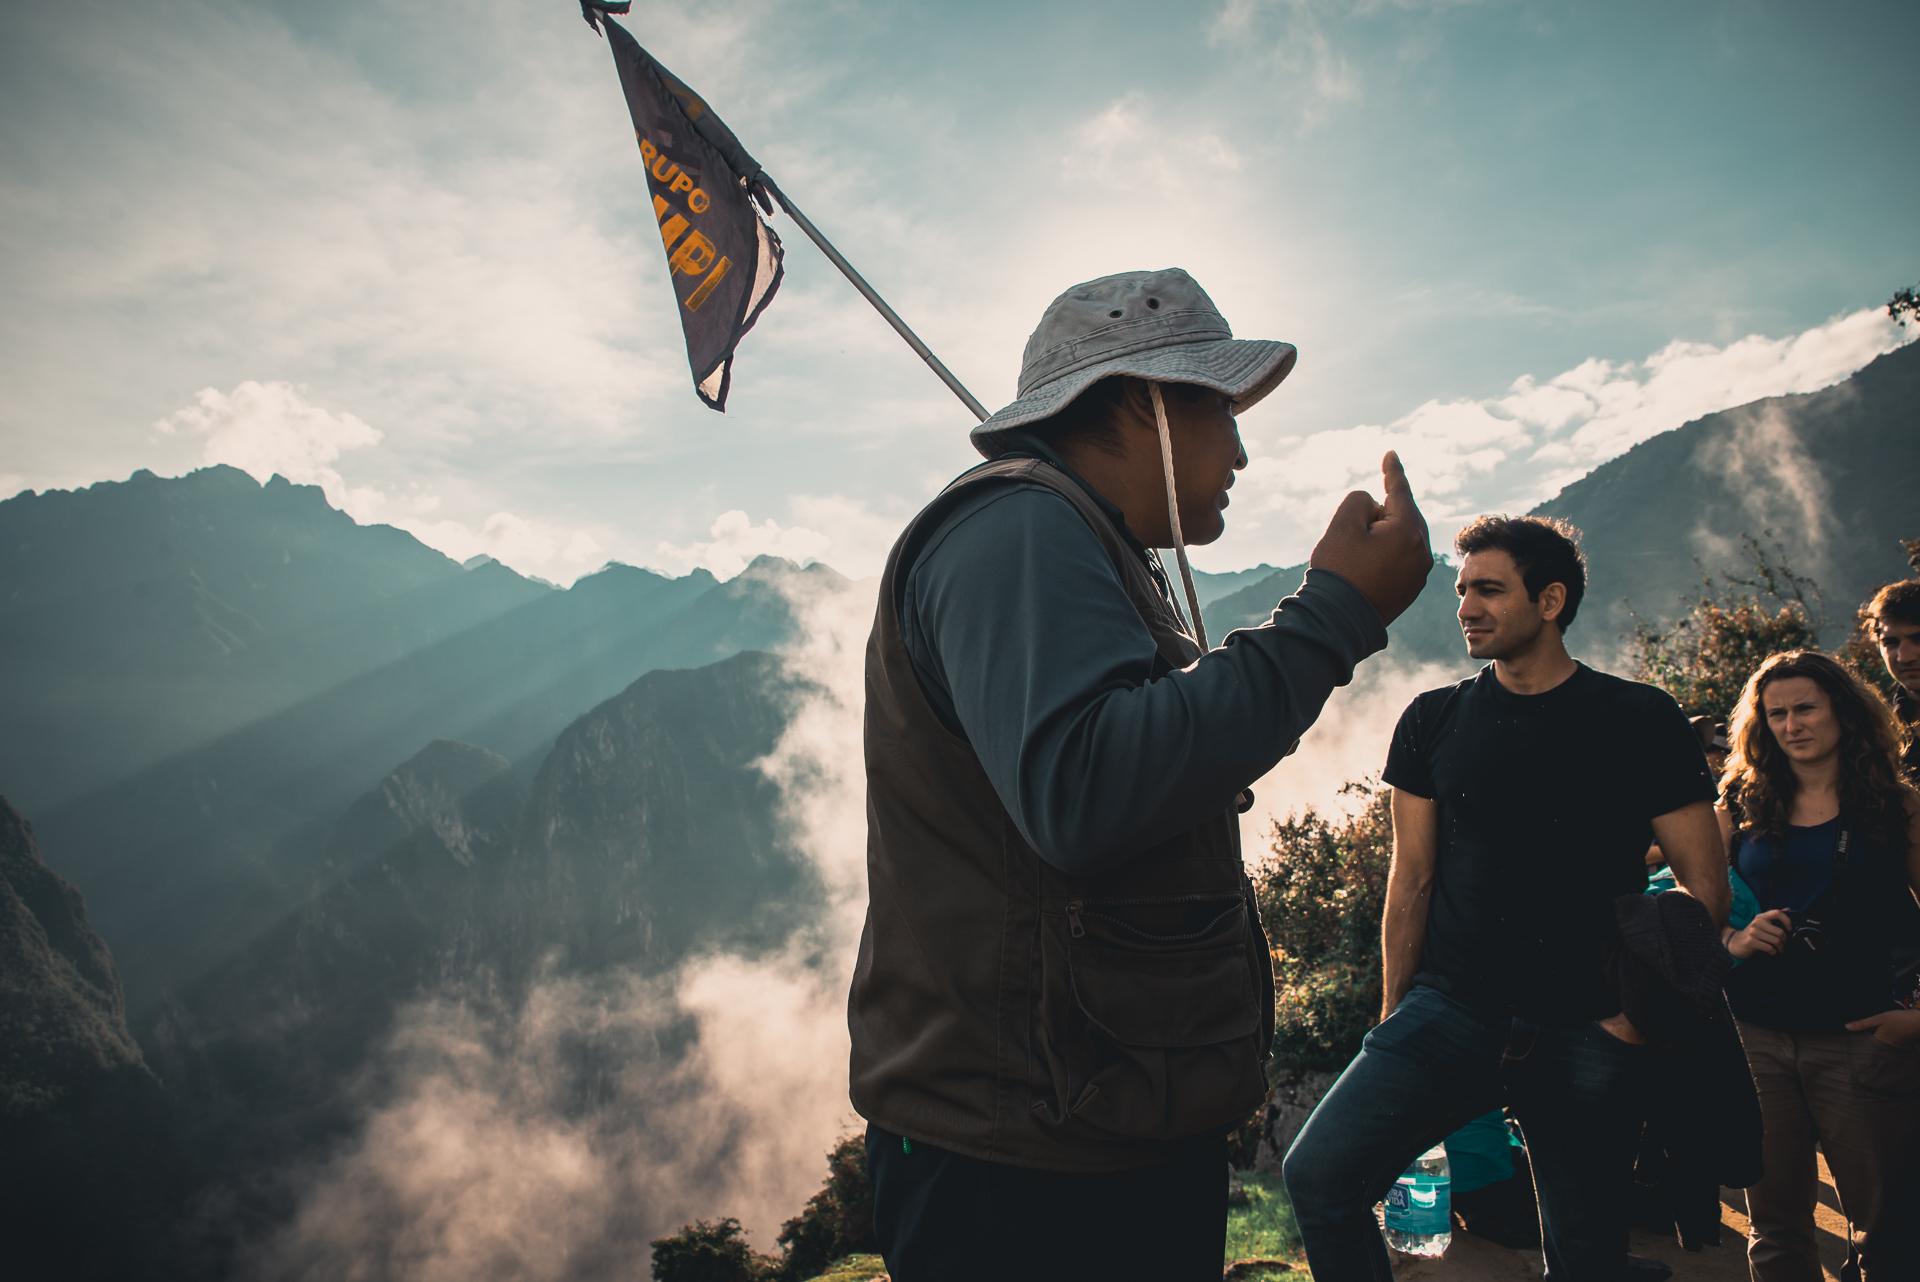 Turistfälla - kan du strunta i att besöka Machu Picchu?